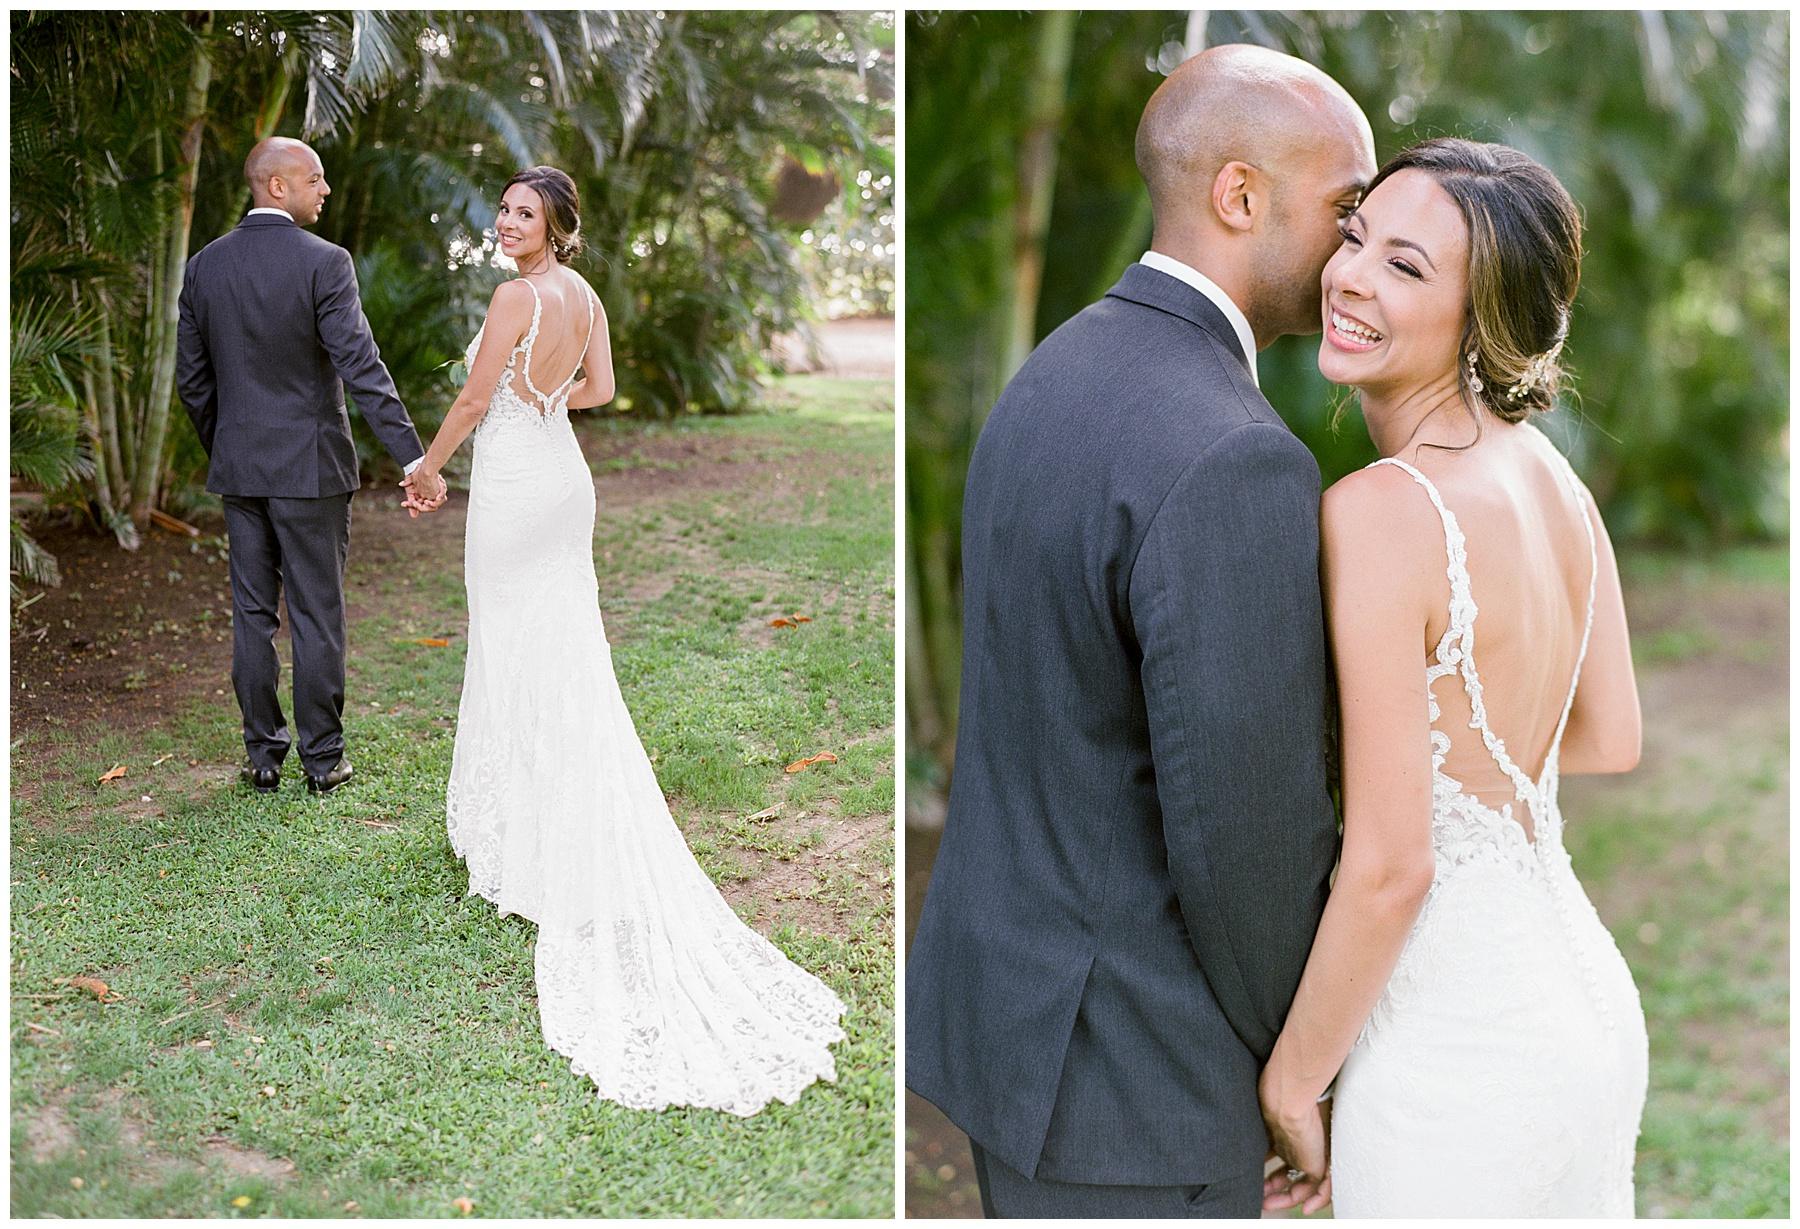 Olowalu-plantation-house-maui-hawaii-wedding-77.jpg